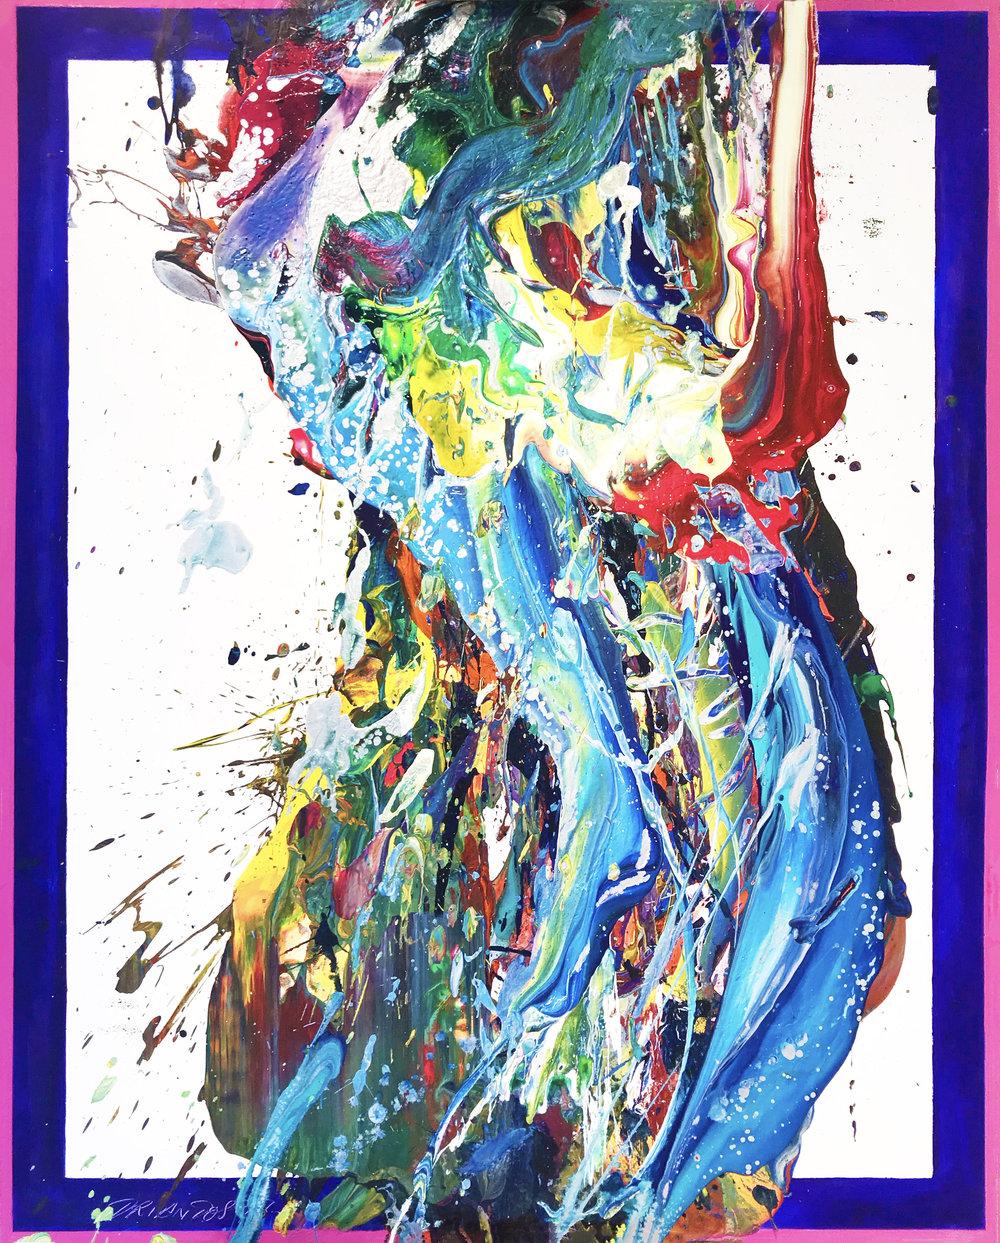 """SP² #62, 2017, acrylic on canvas, 60"""" x 48"""" (152.4 x 122 cm)"""